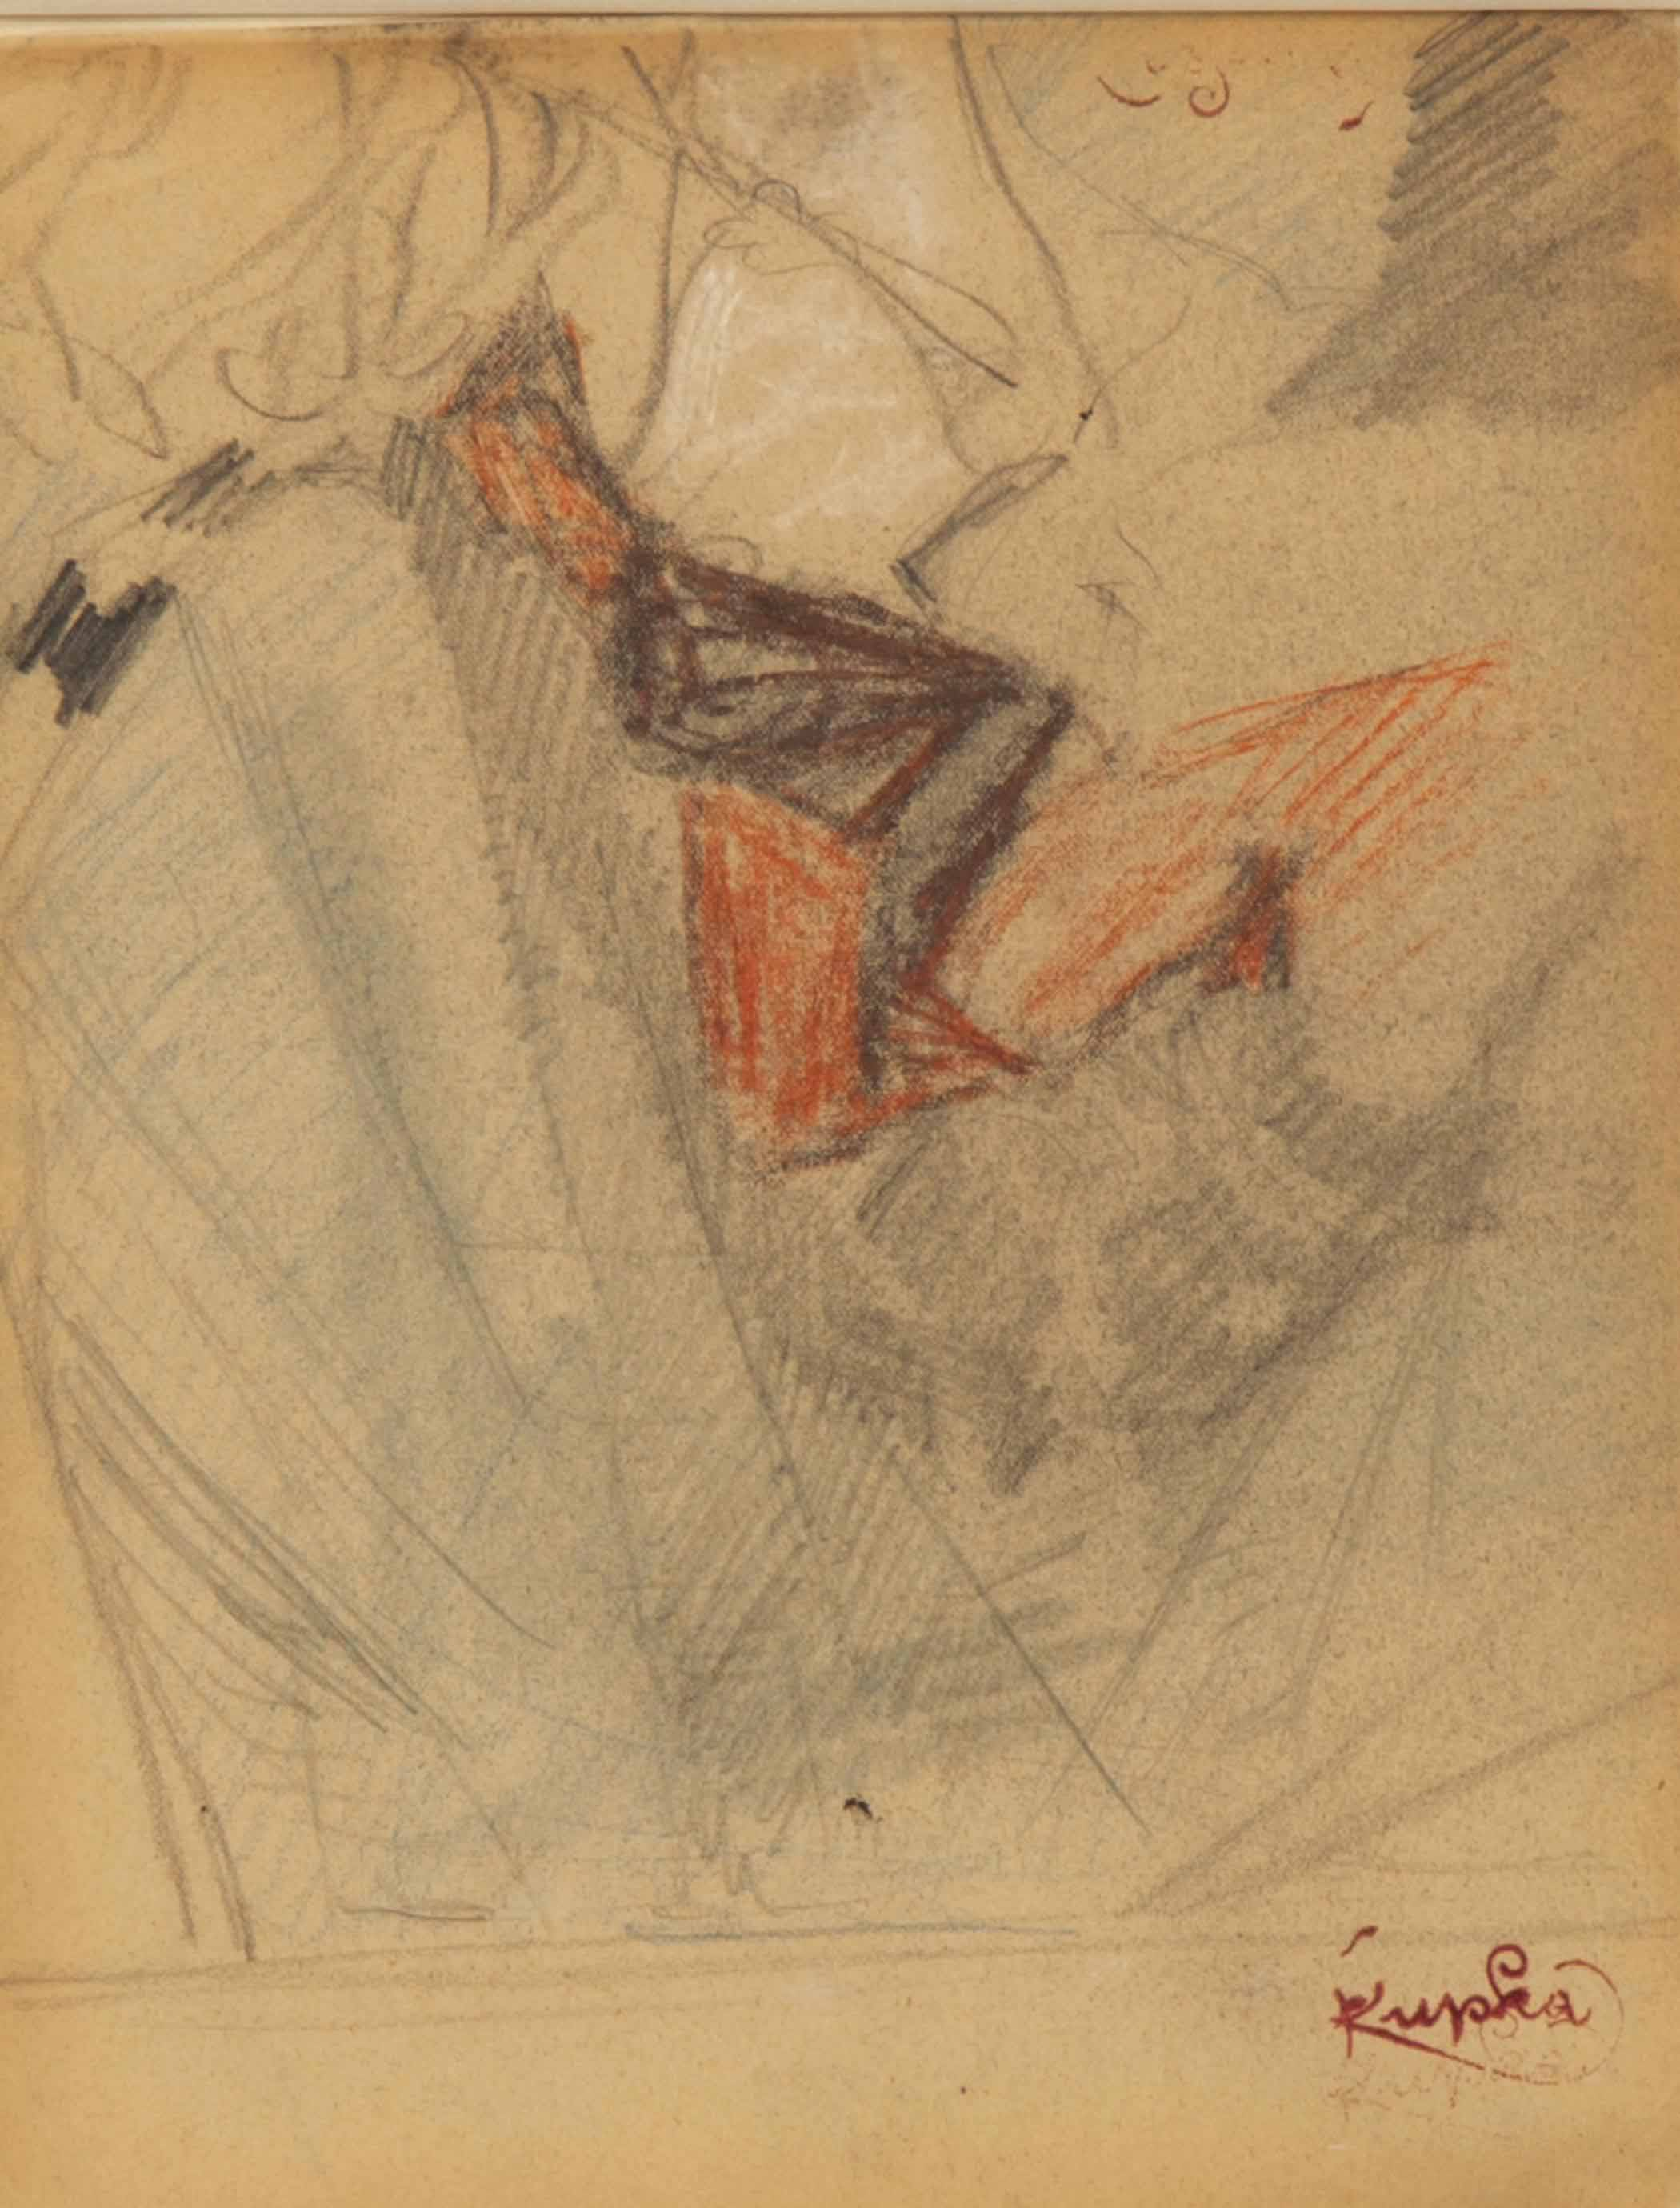 Frantisek Kupka (CZECH, 1871-1